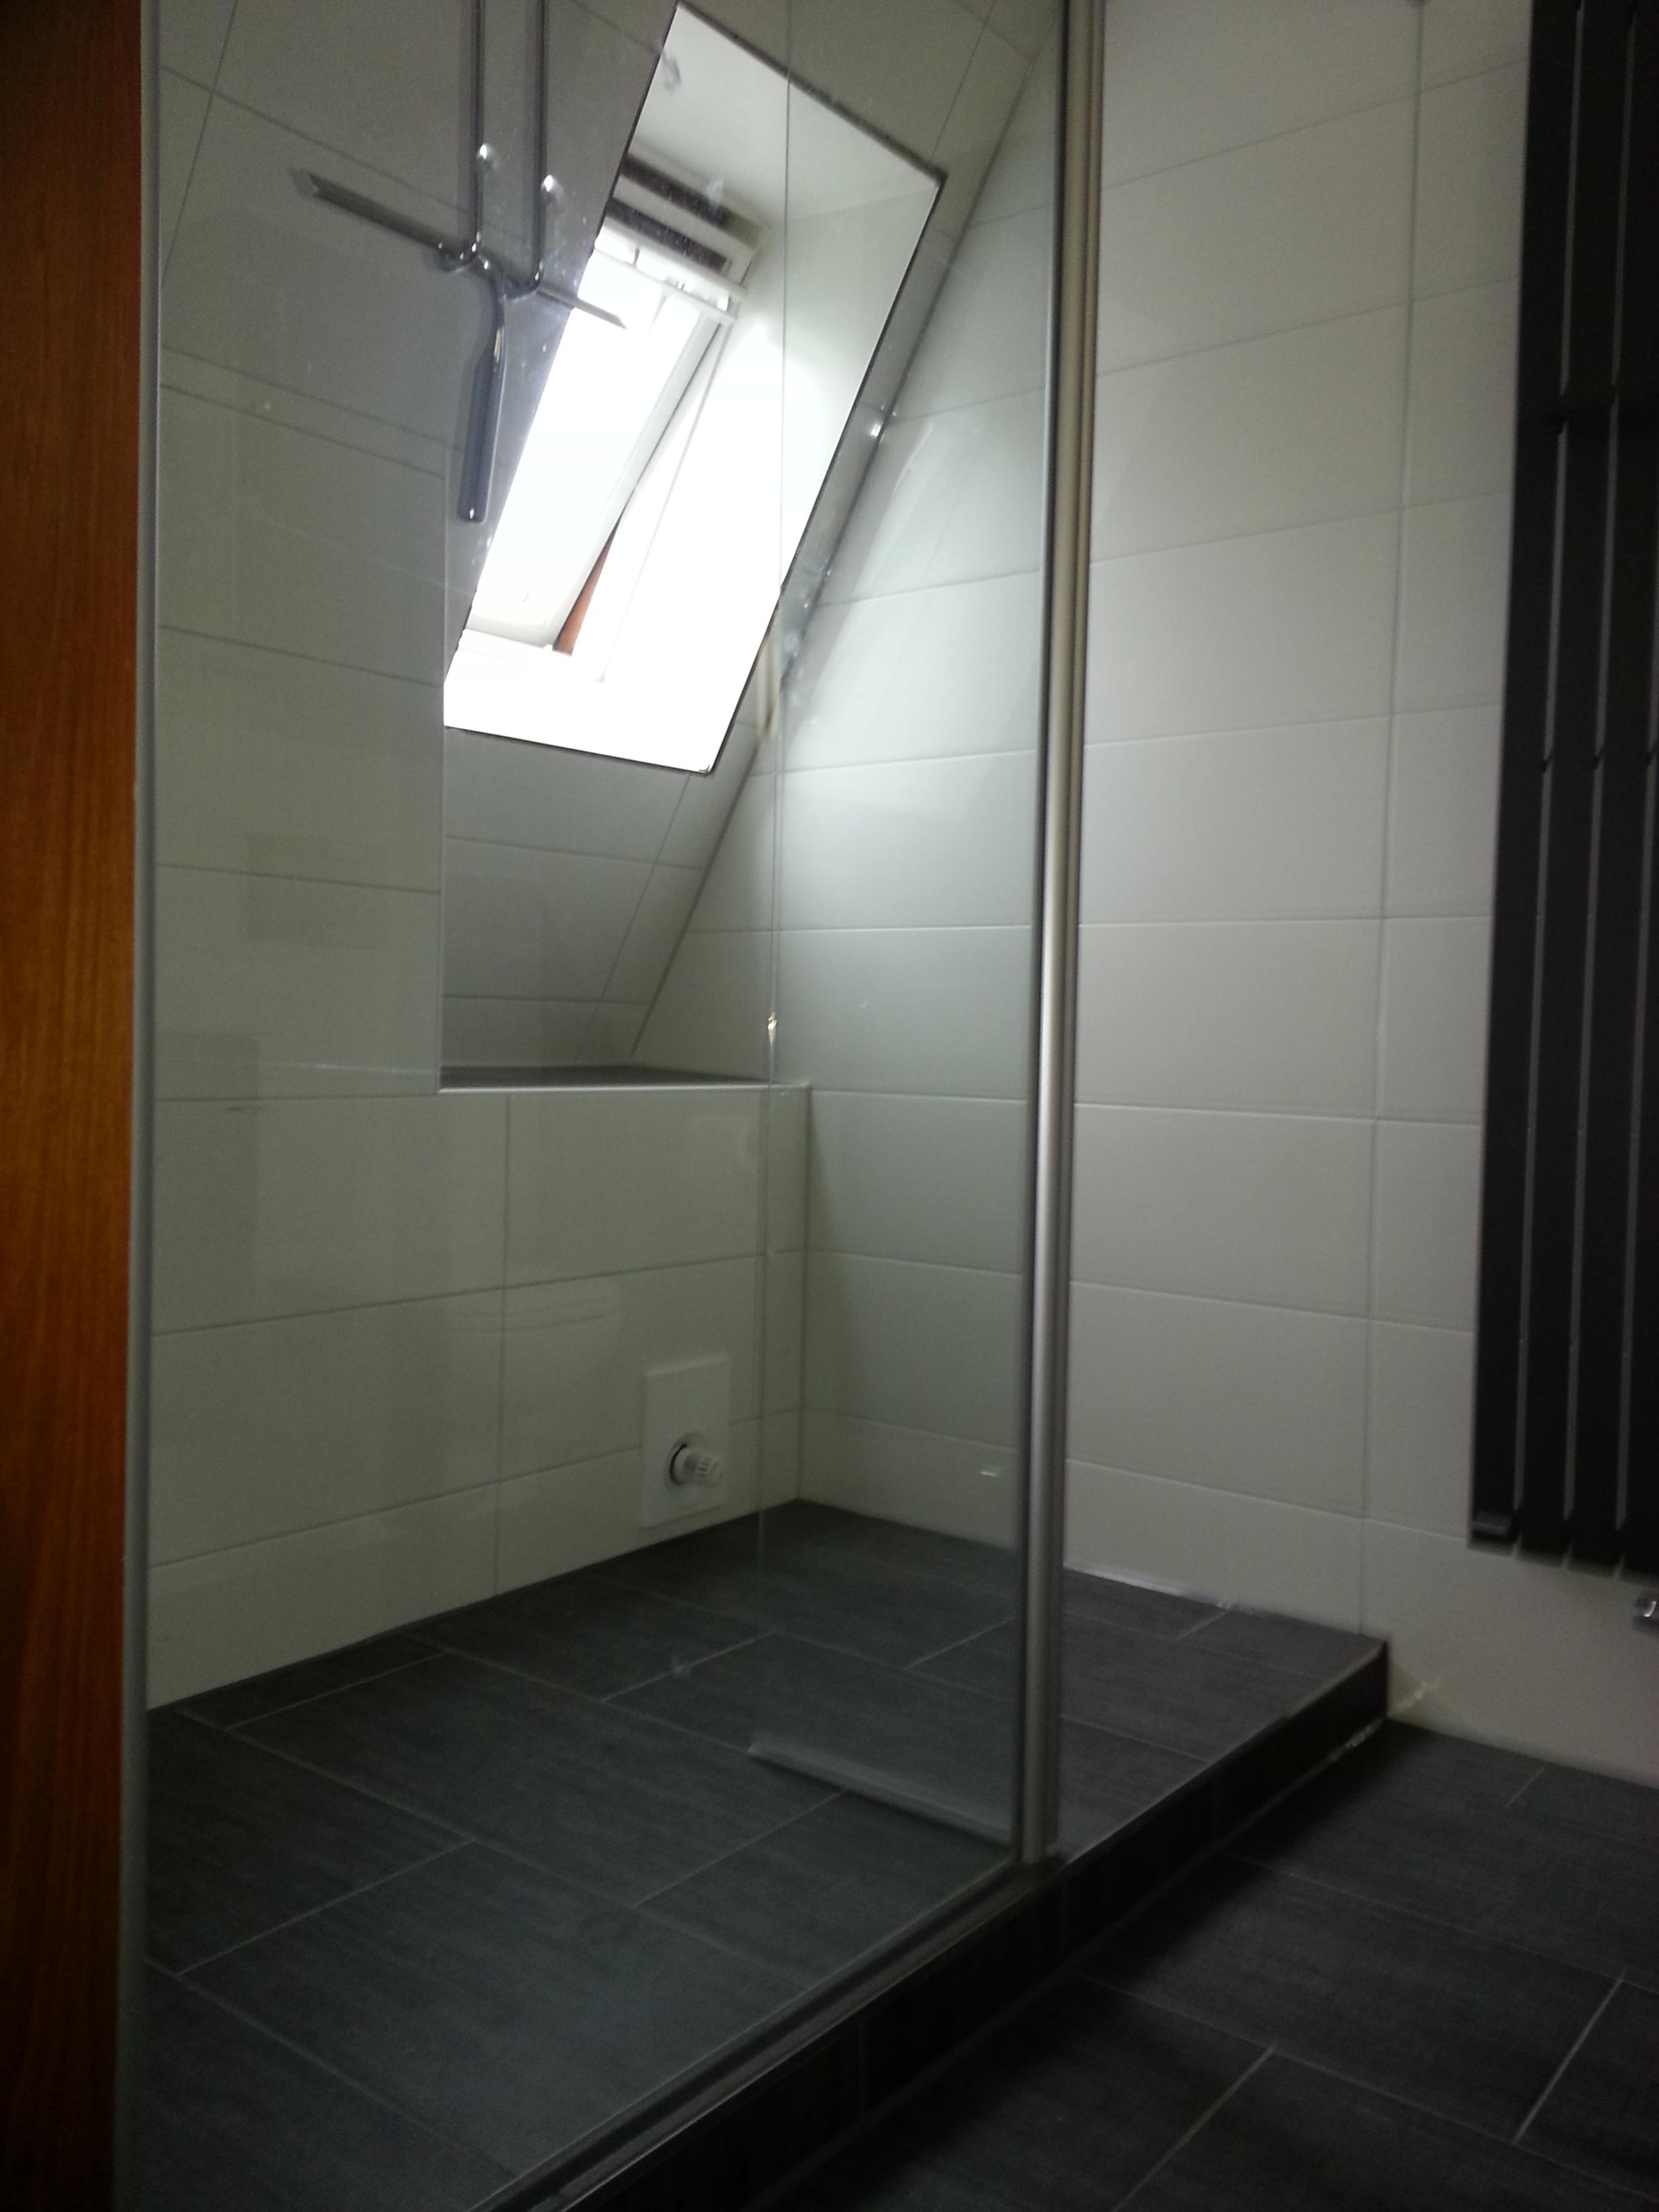 Gerd Nolte Heizung & Sanitär ? Badezimmer Anthrazit ? Dusche Mit ... Badezimmer Wei Anthrazit